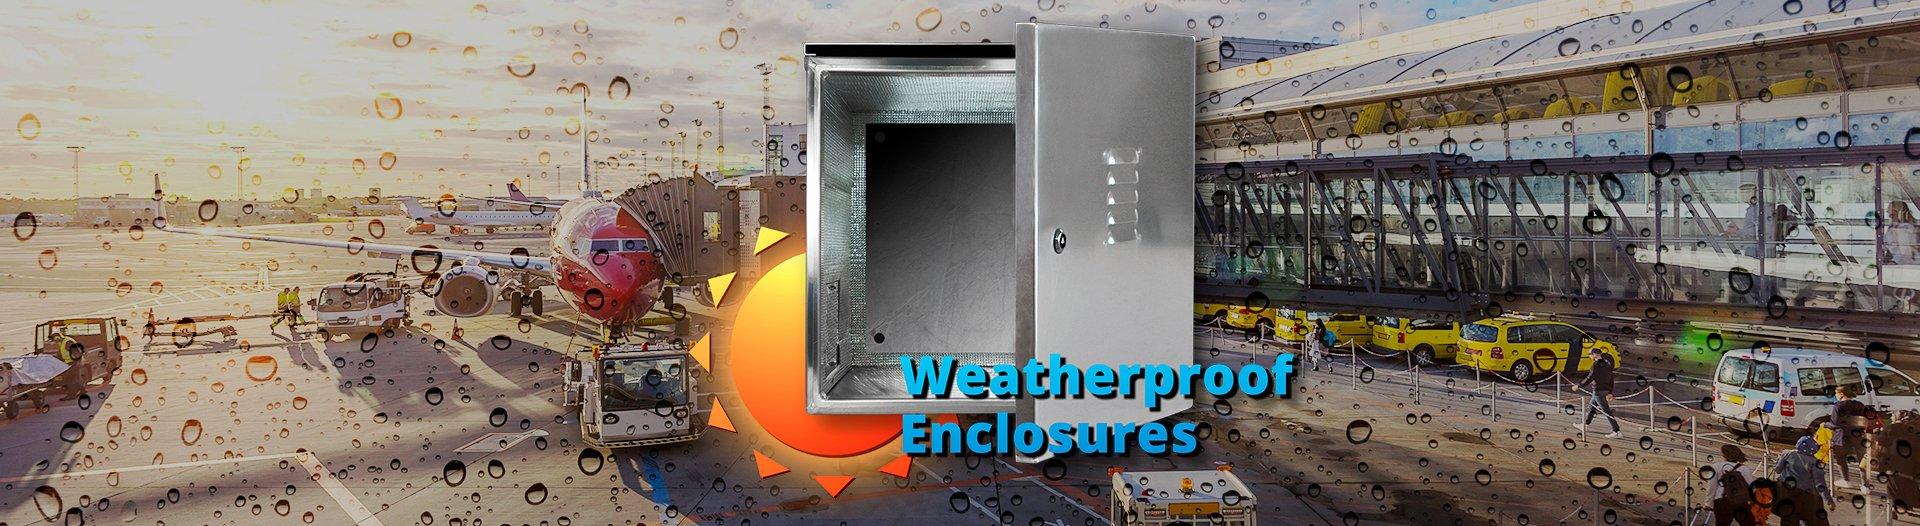 enclosure-header2a